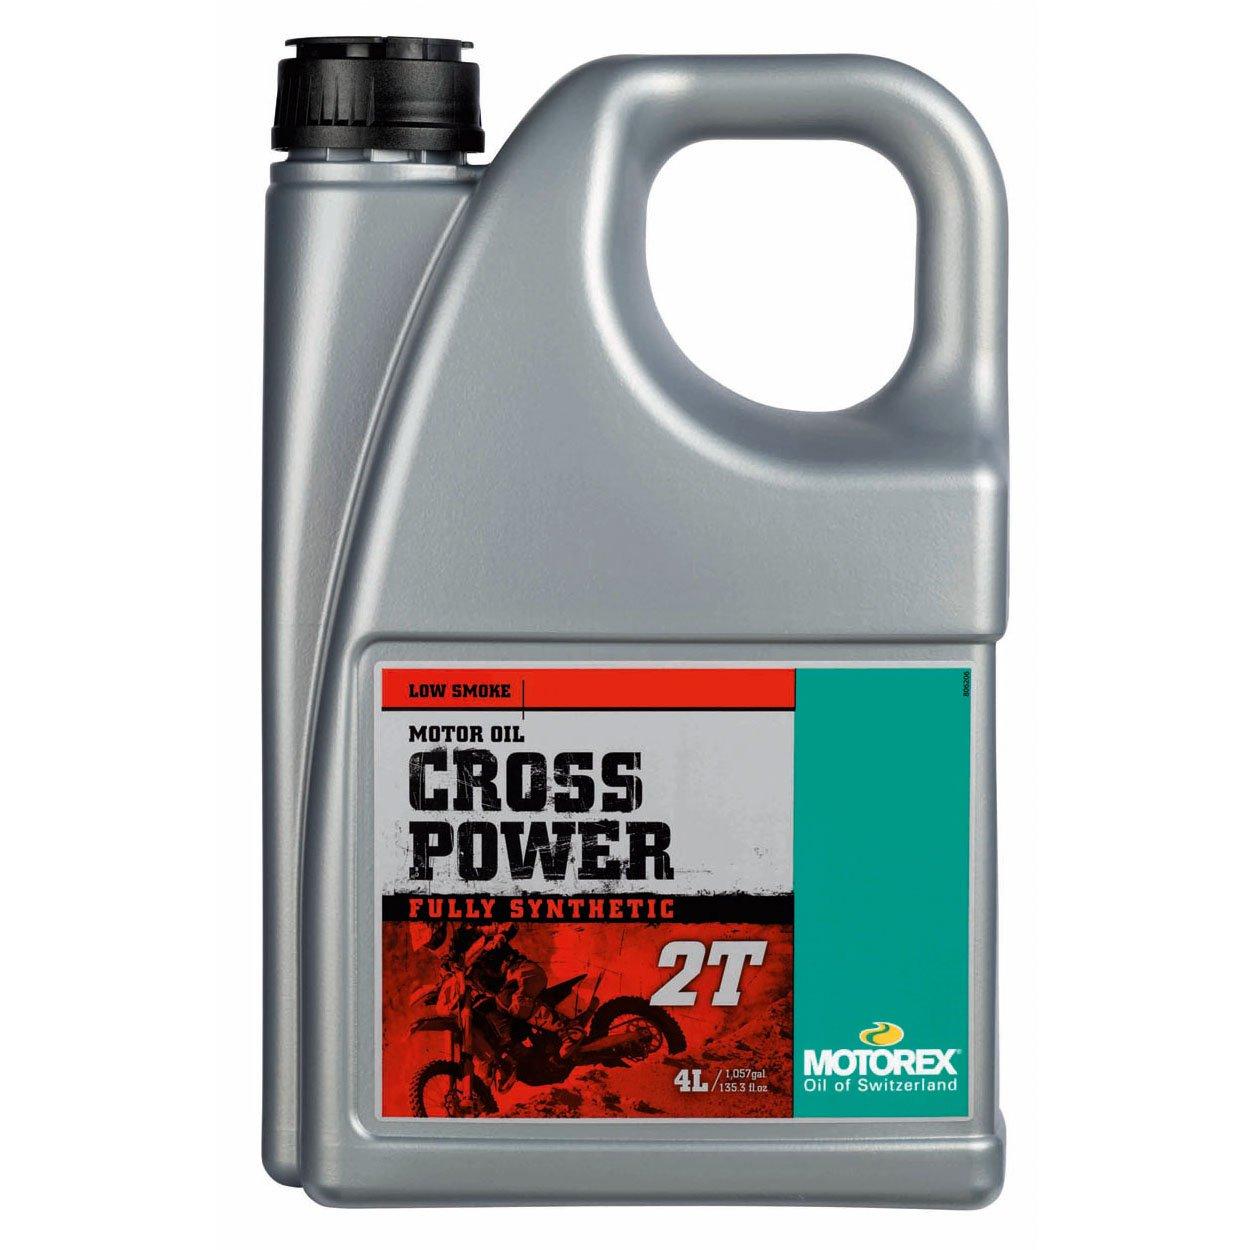 Motorex Cross Power 2T - 4 Liter 171-204-400 by Motorex 7611197013822